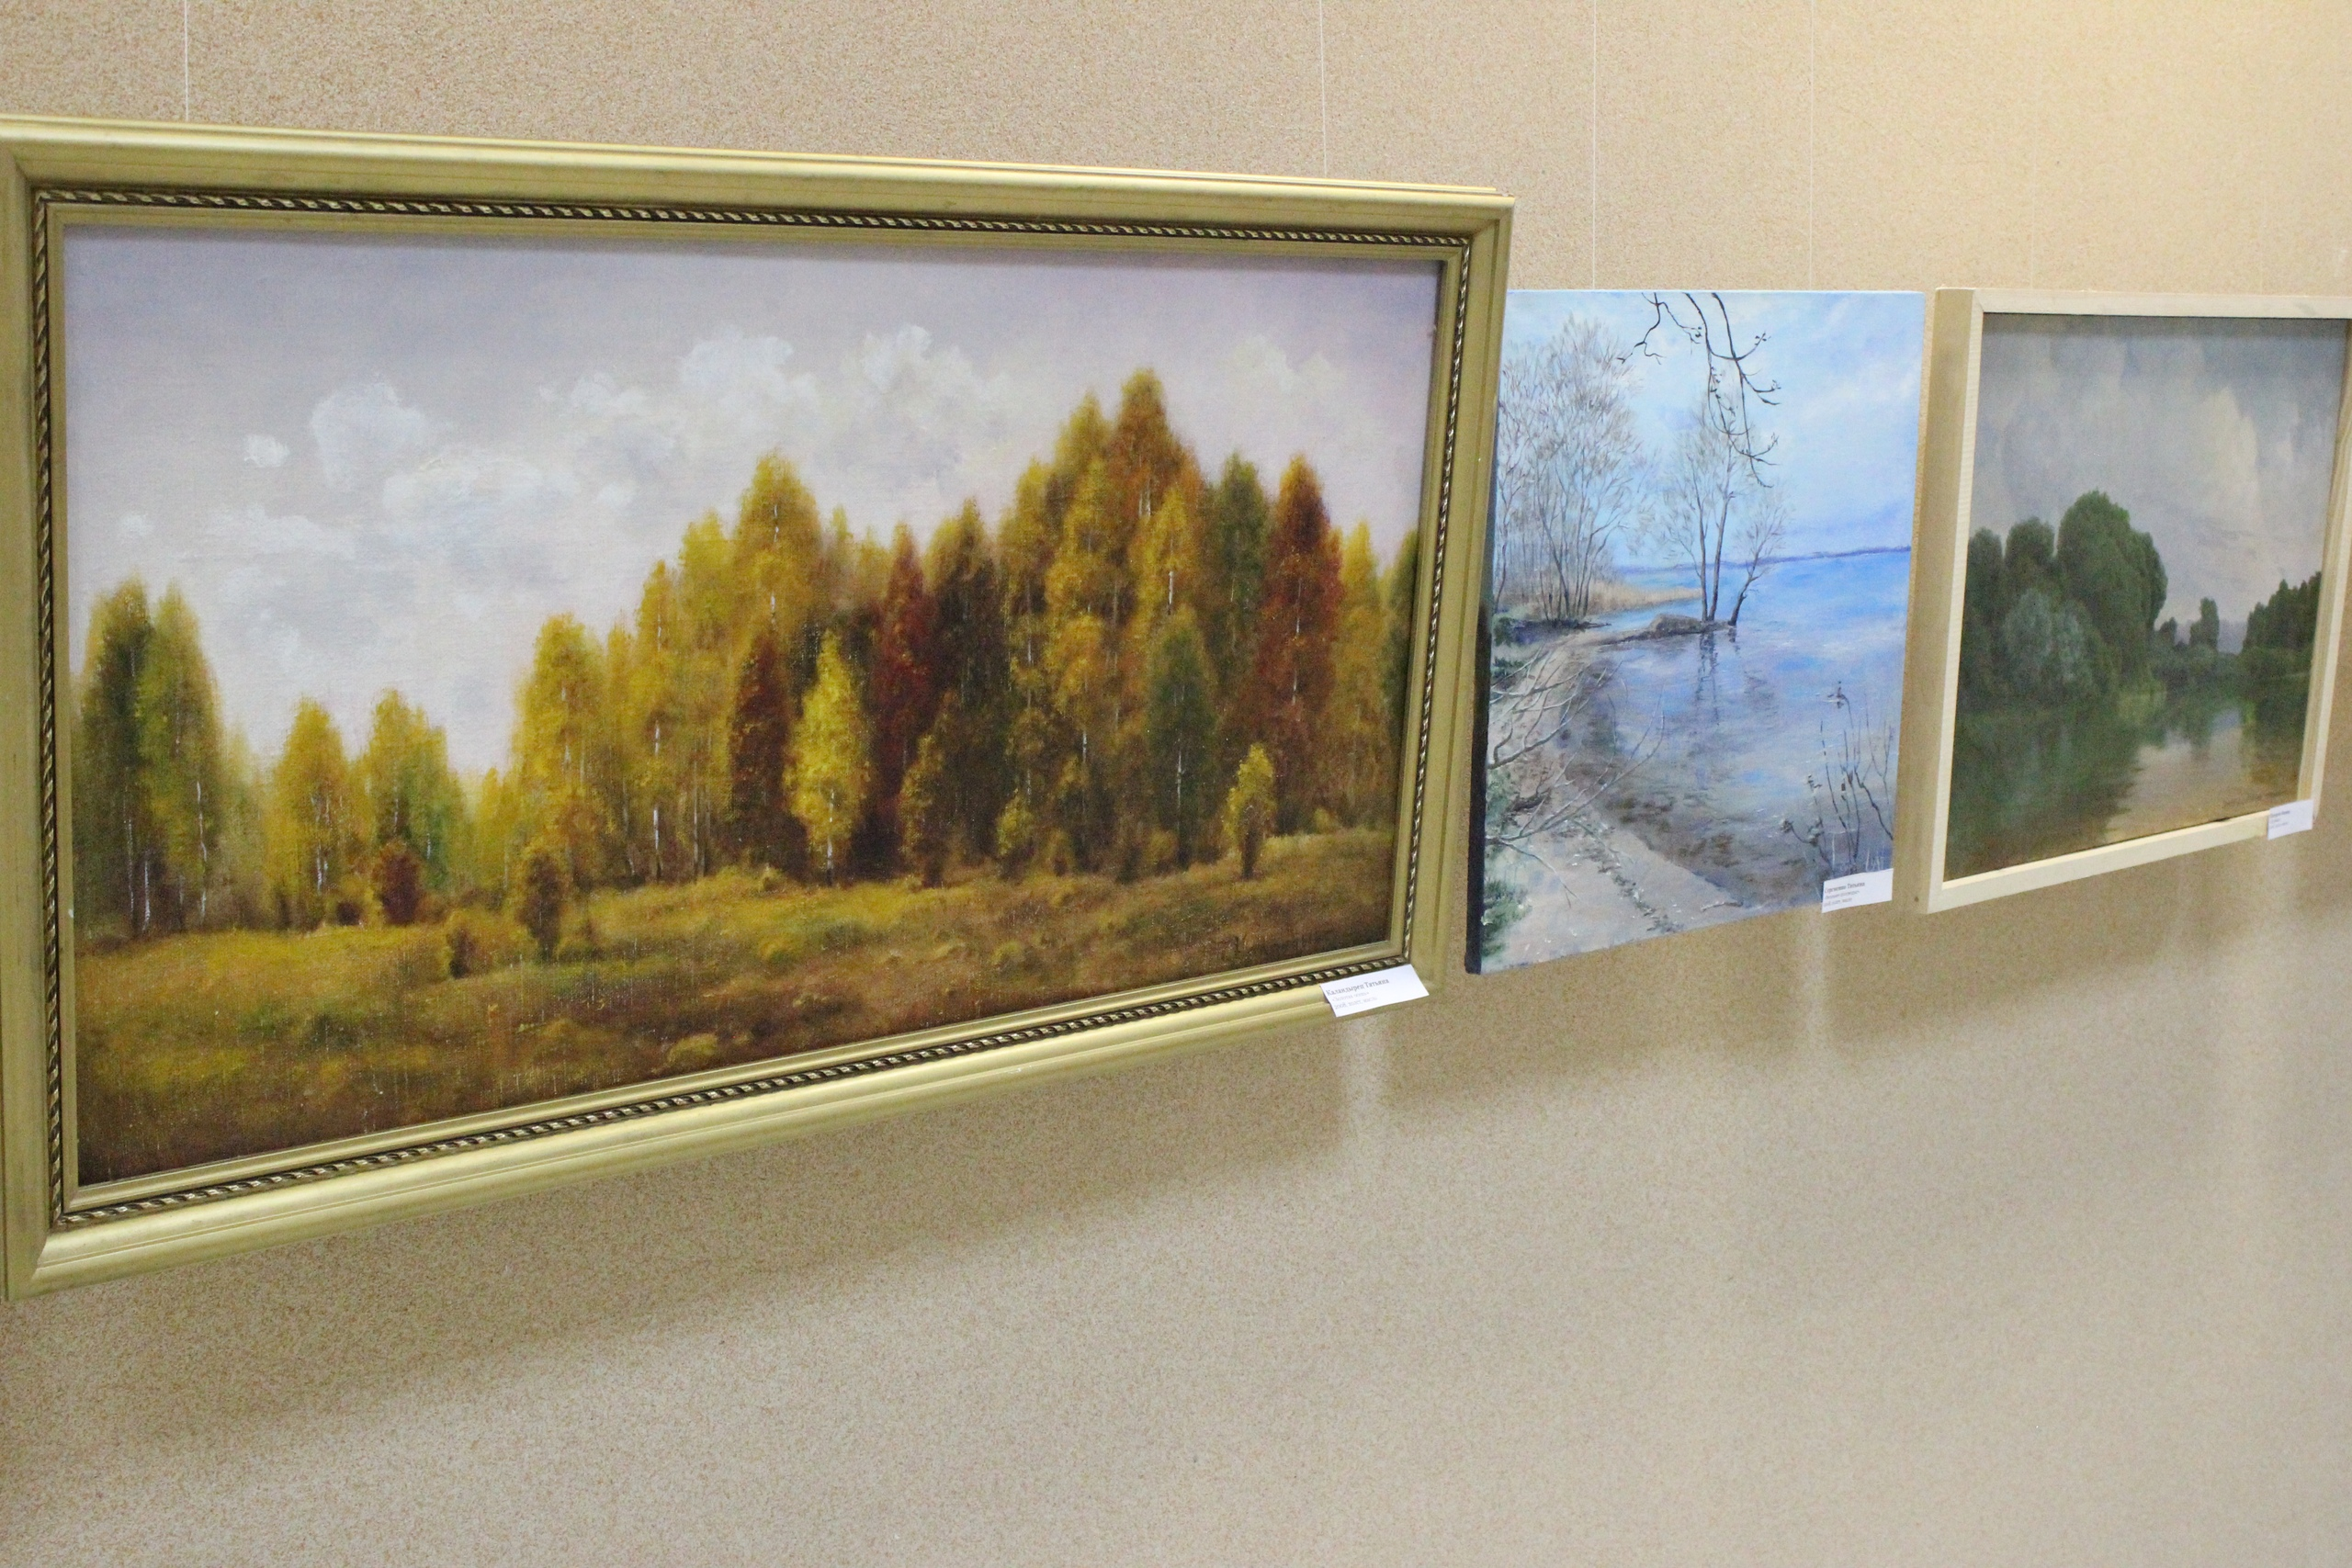 Борисовская библиотека представила собственную коллекцию картин местных художников